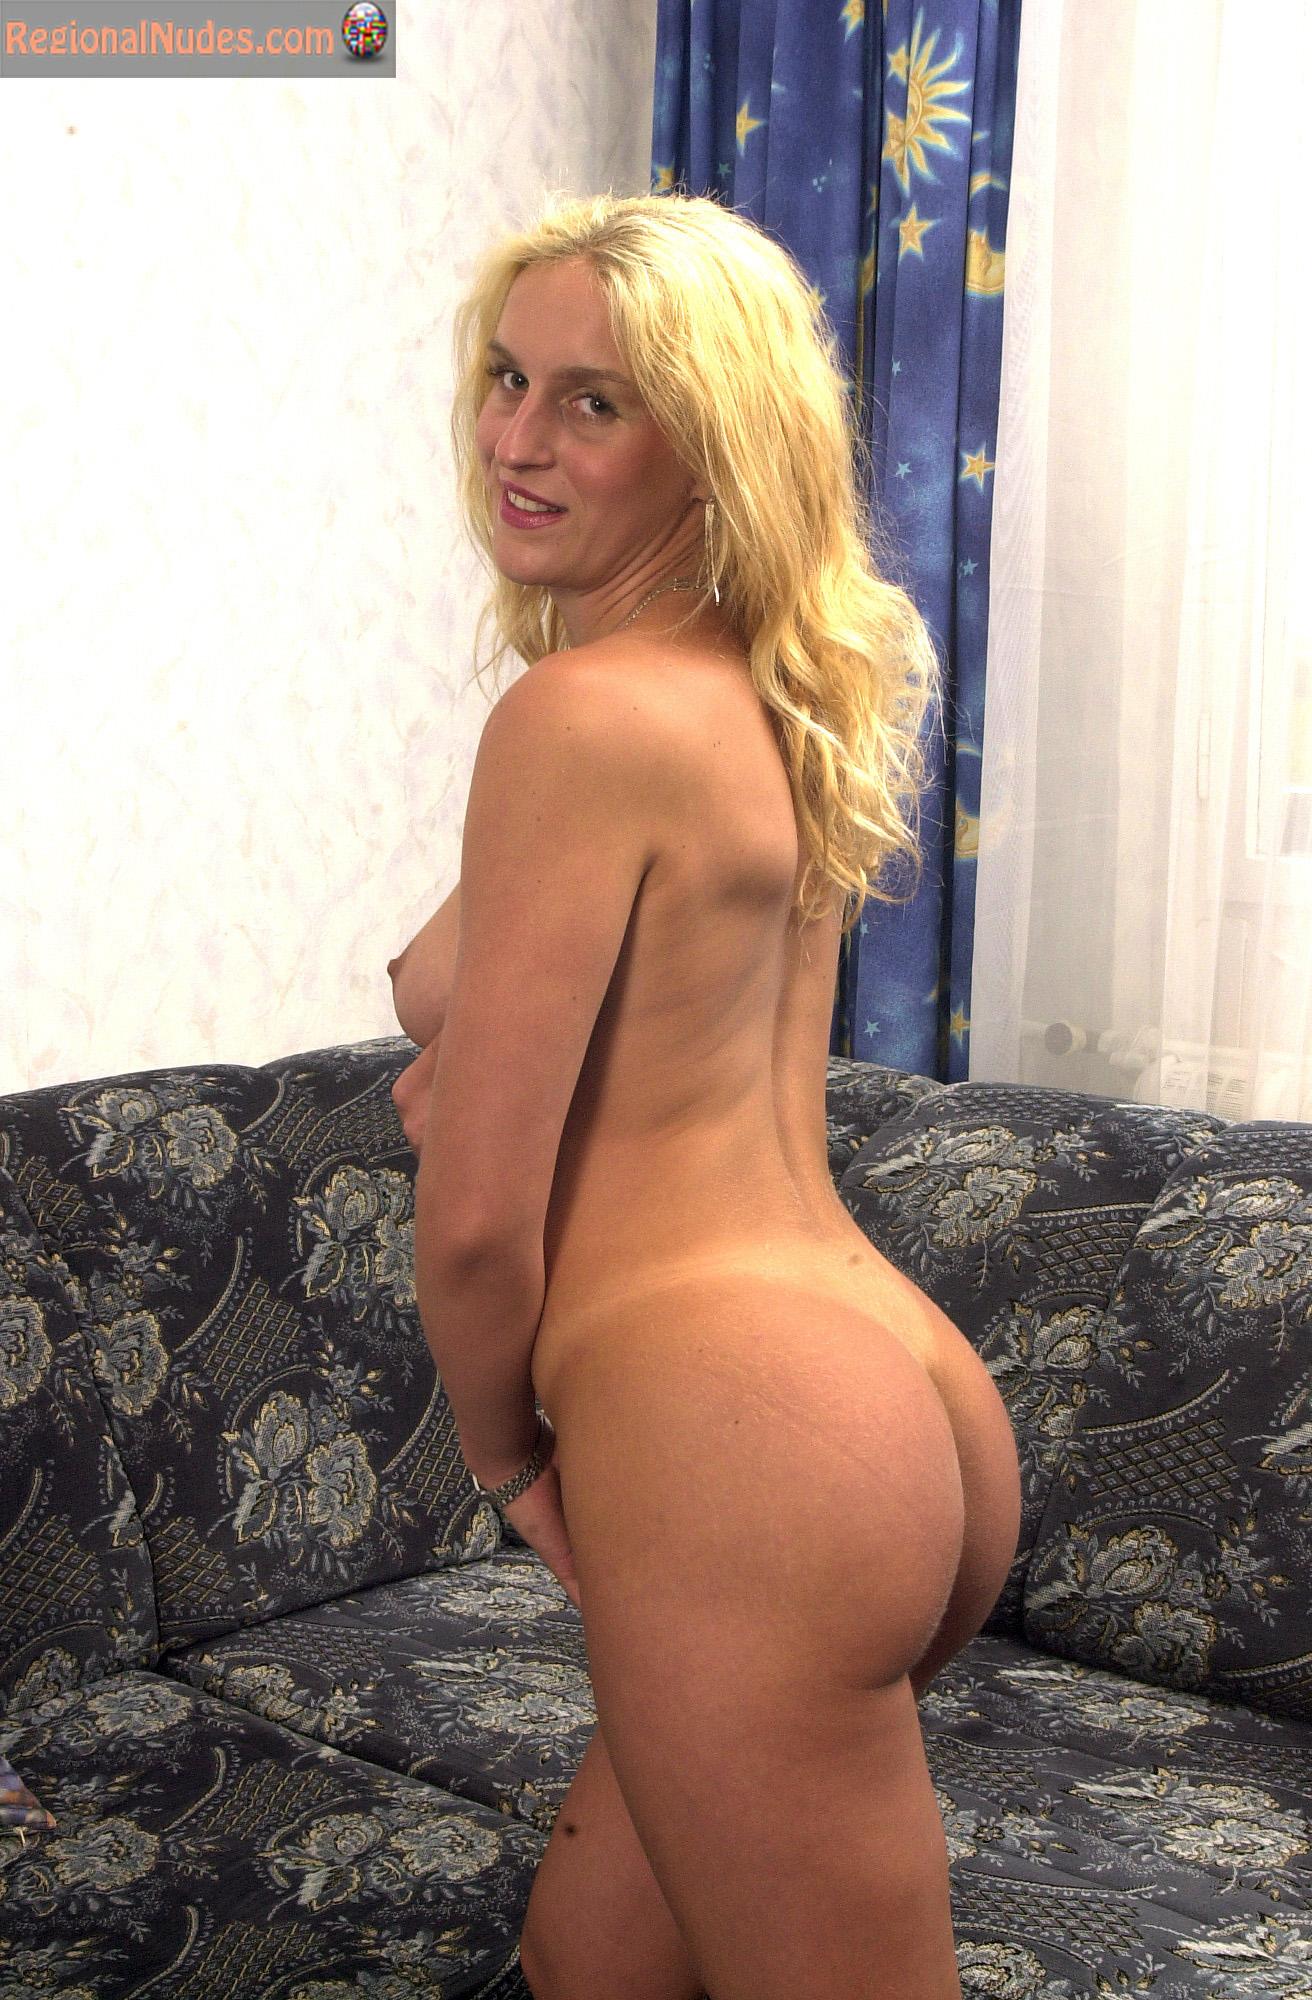 Naked women kissing naked women-9633